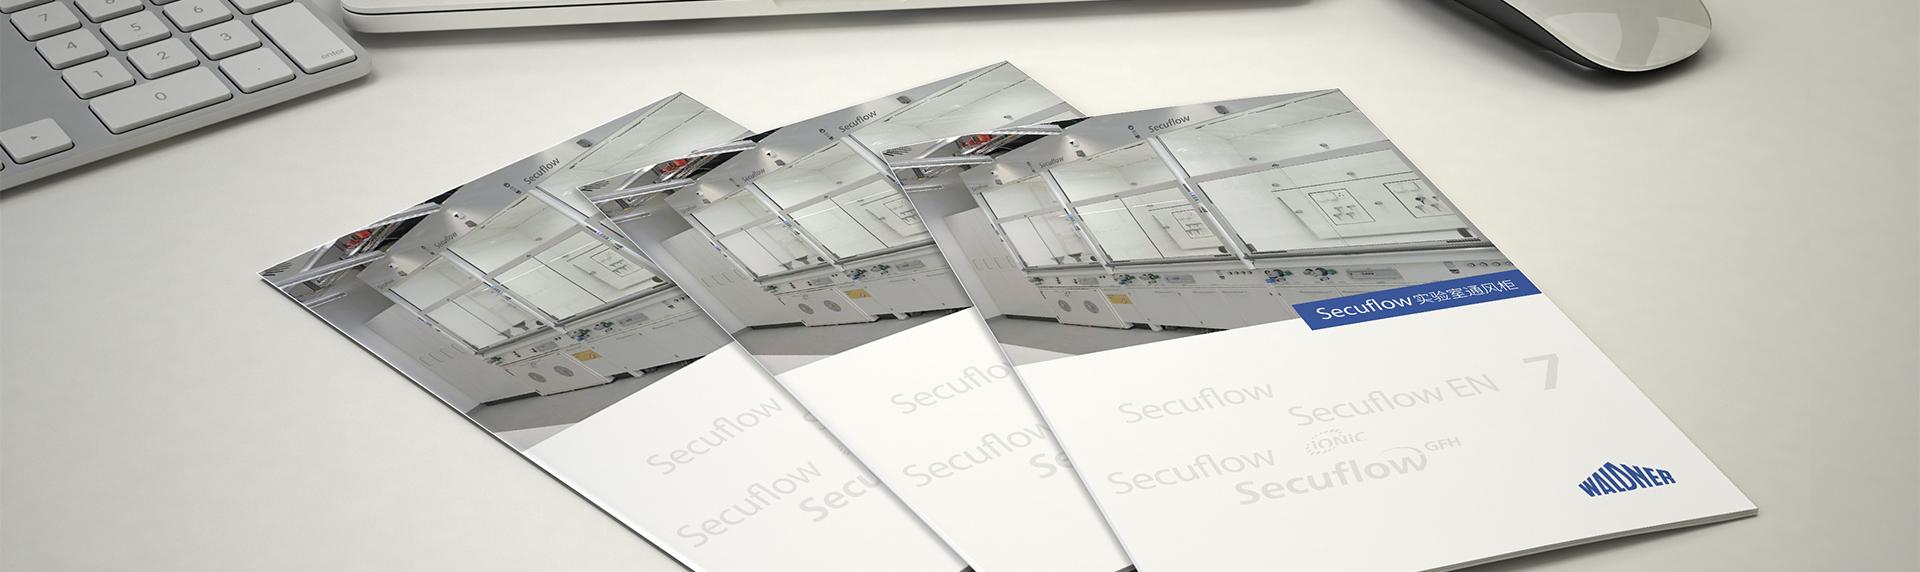 SSC设计-WALDNER画册设计